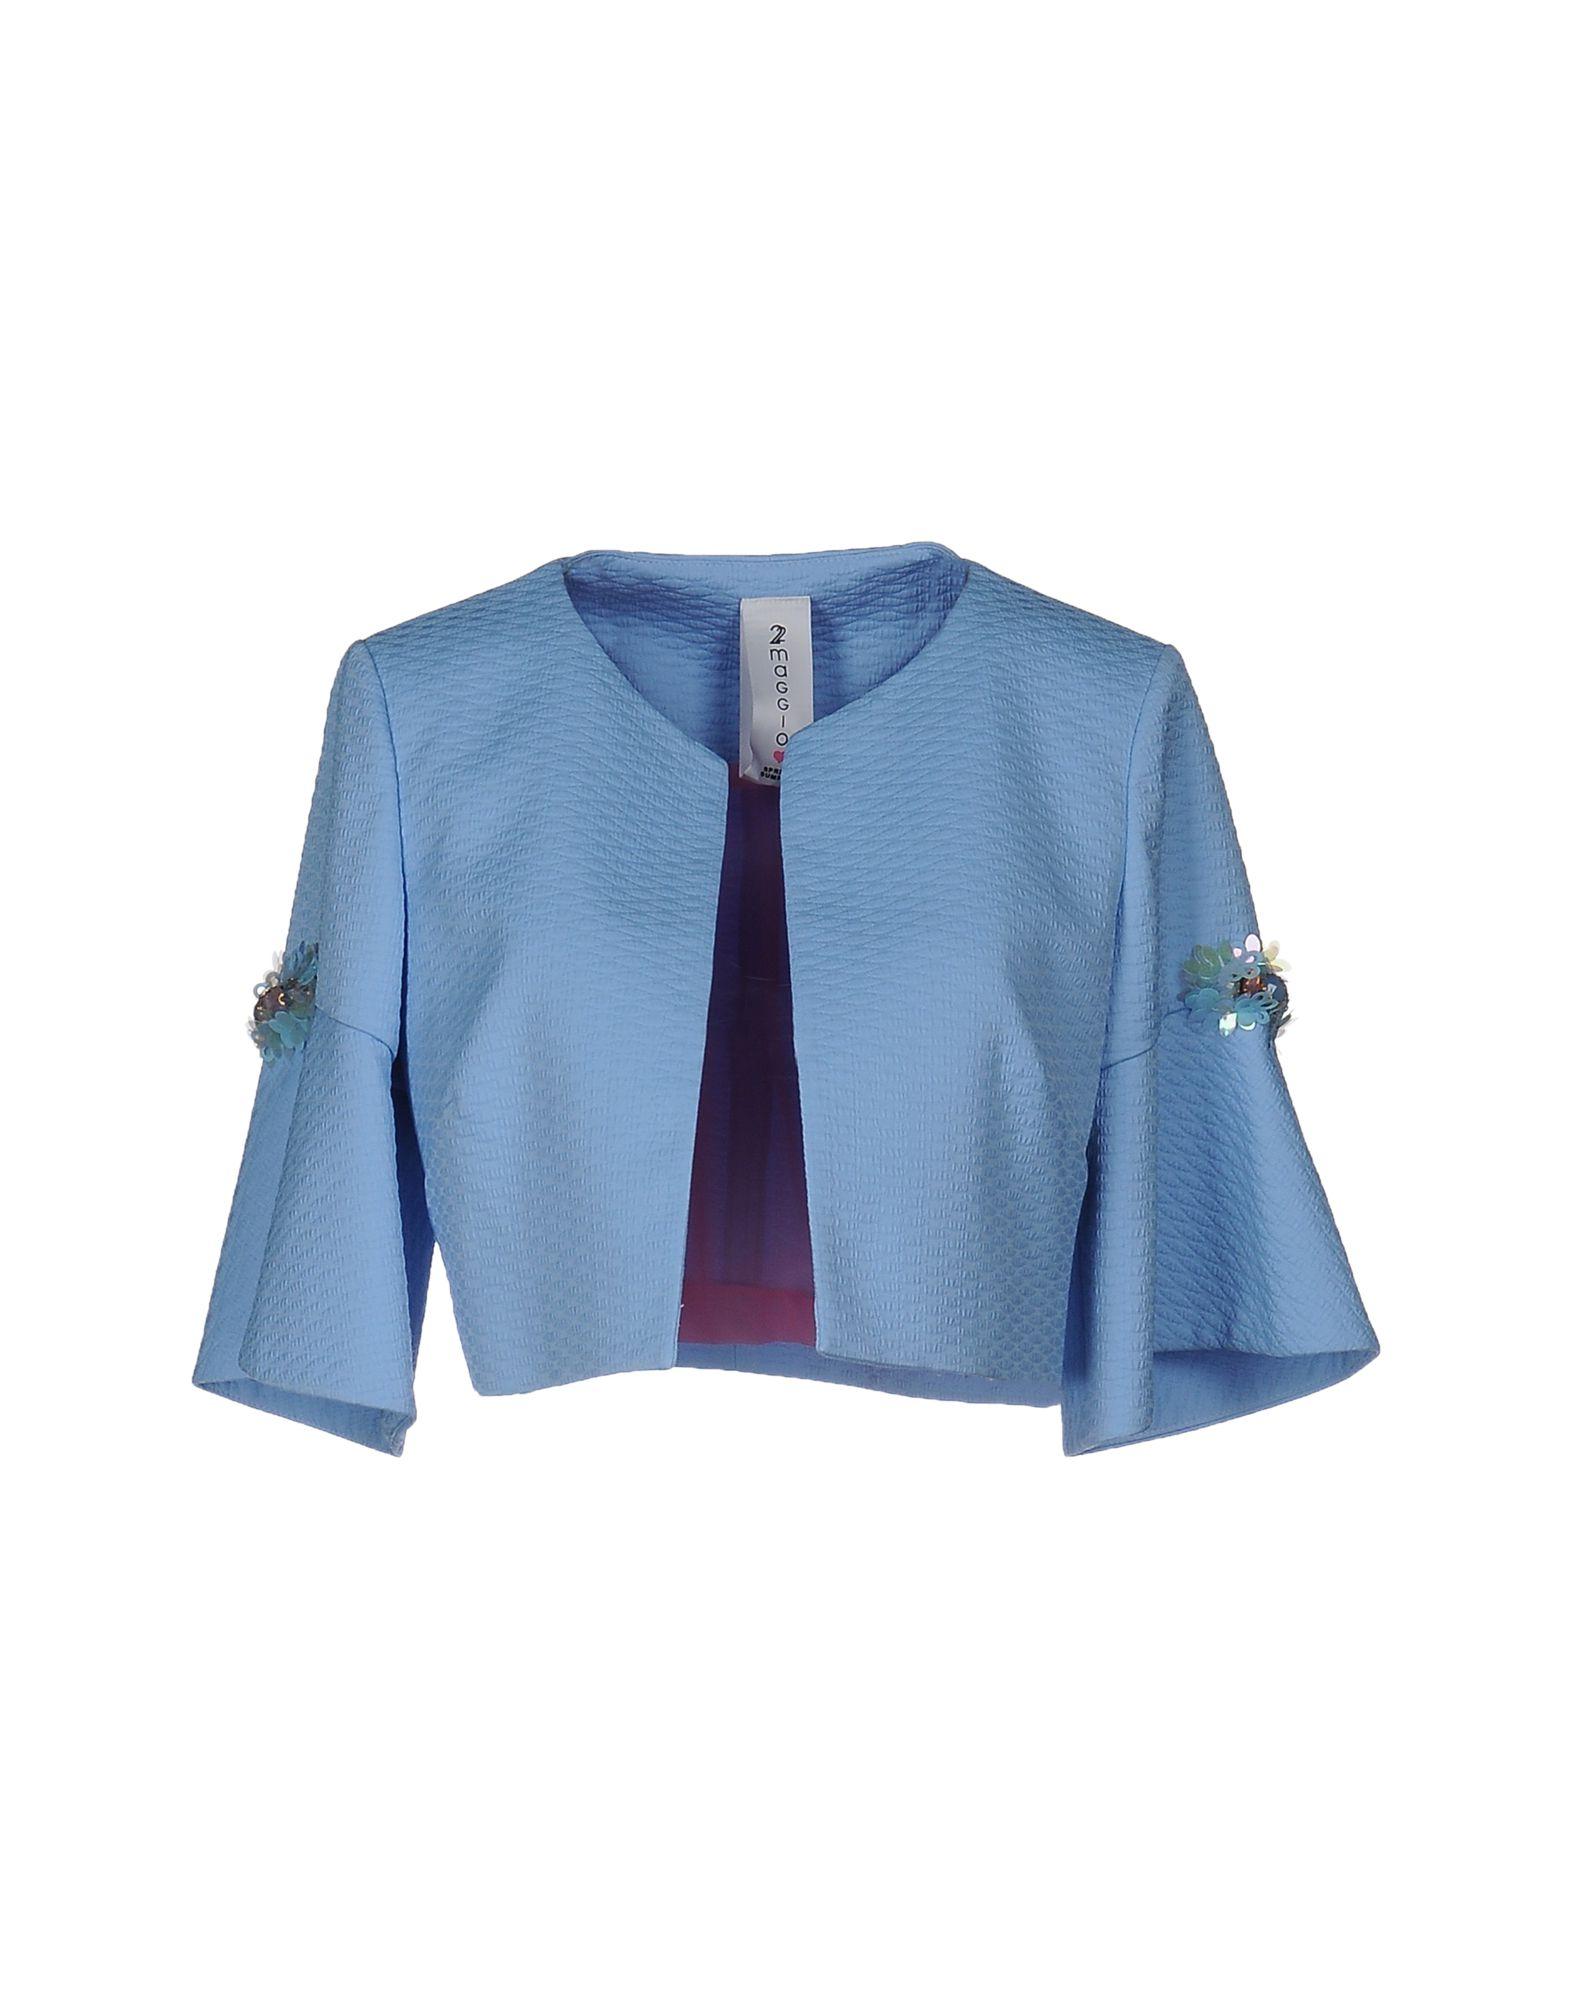 22 MAGGIO by MARIA GRAZIA SEVERI Пиджак куртка 22 maggio